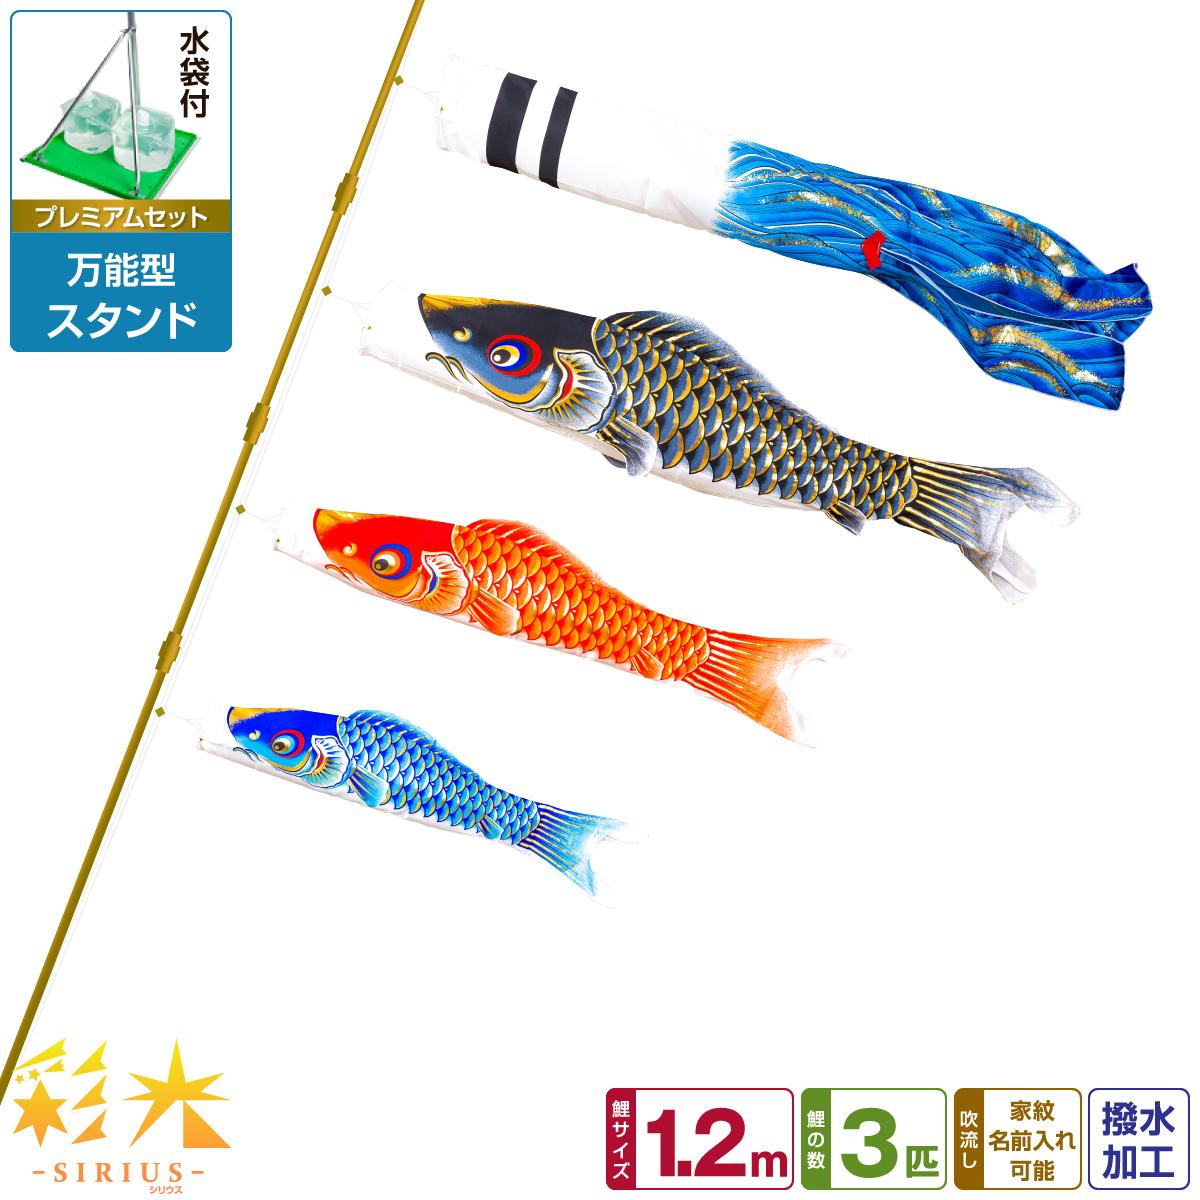 ベランダ用 こいのぼり 鯉のぼり SIRIUS/彩光鯉 1.2m 6点(吹流し+鯉3匹+矢車+ロープ)/プレミアムセット(万能スタンド)